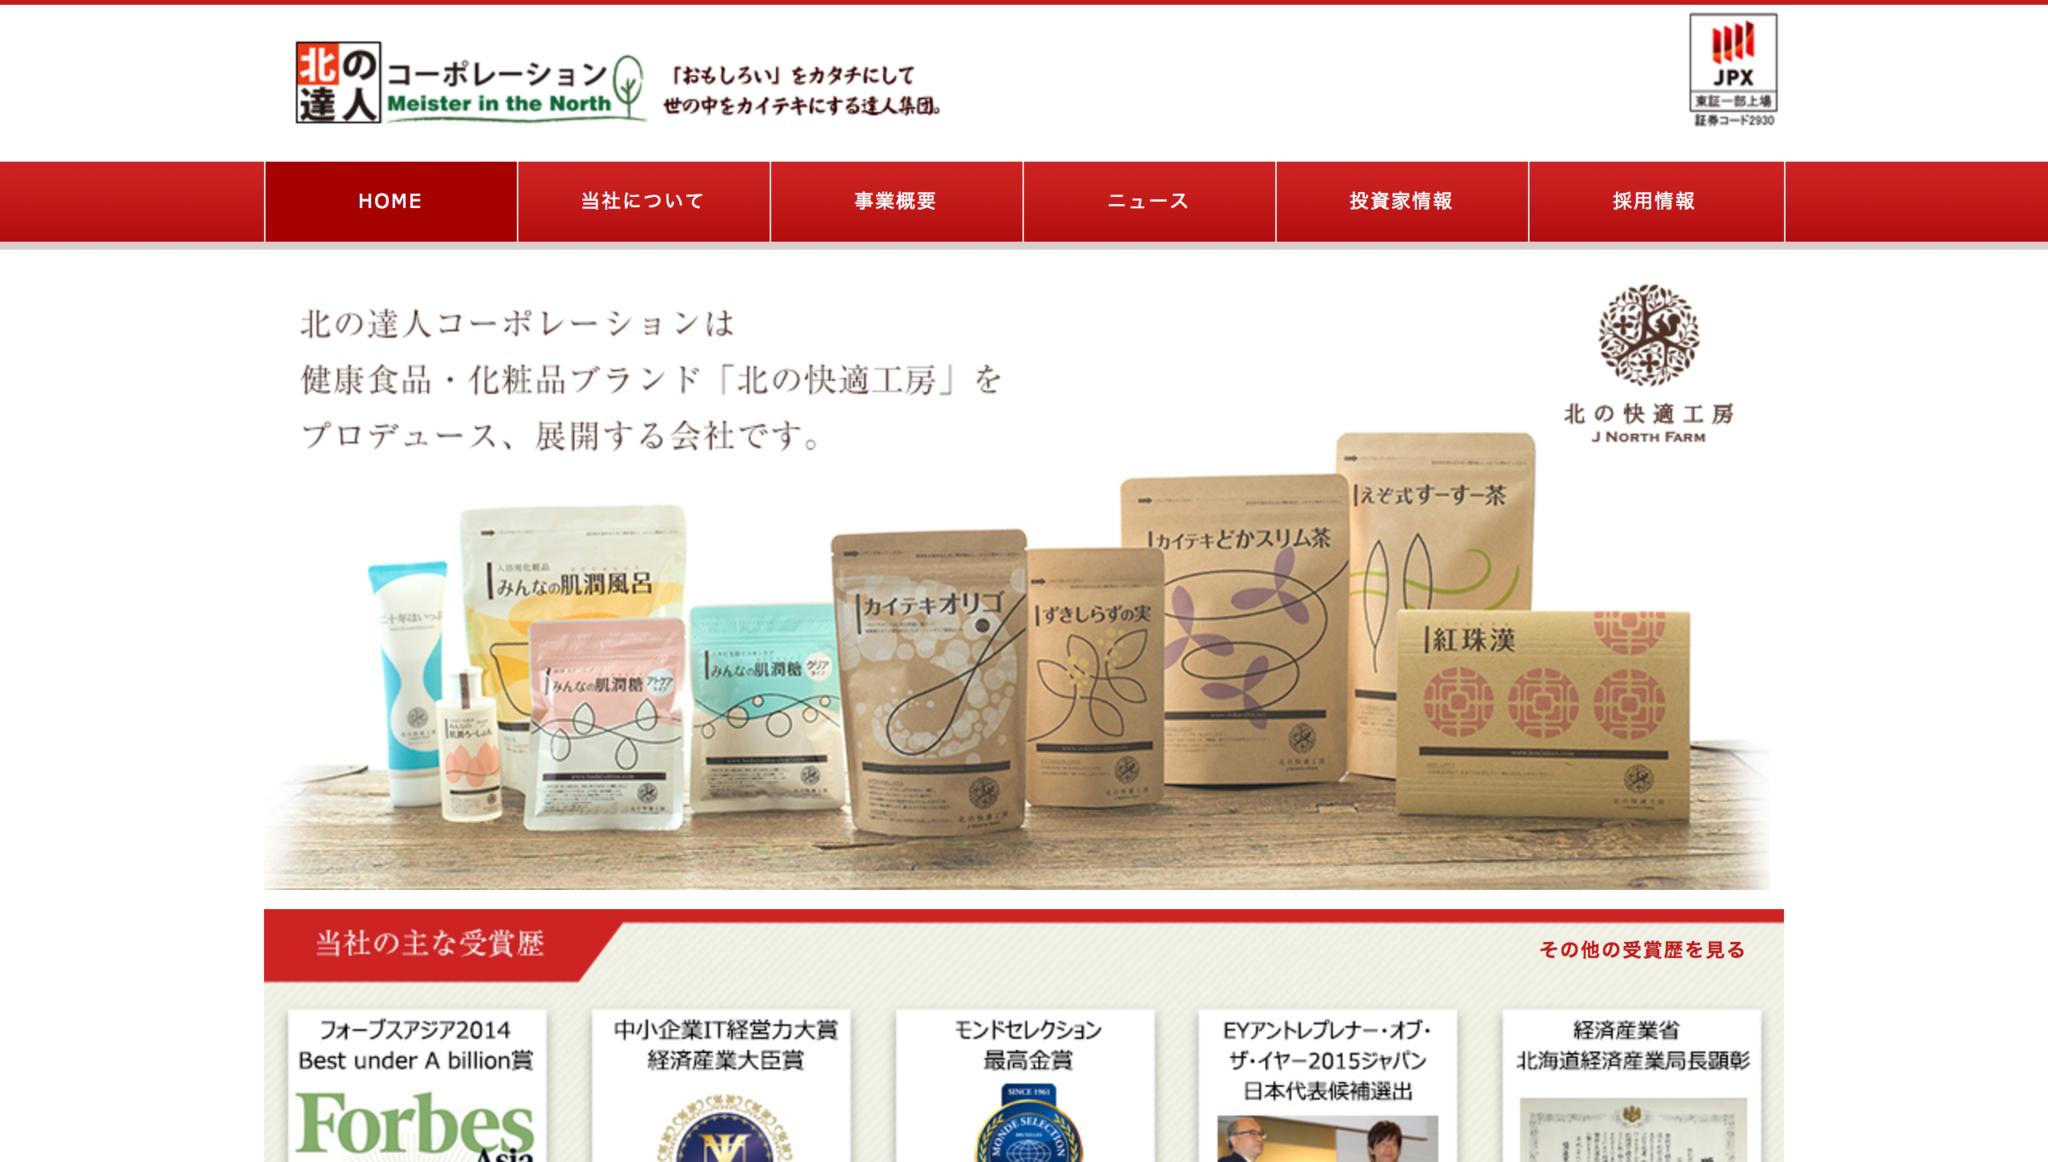 株式会社_北の達人コーポレーション|トップページ.png